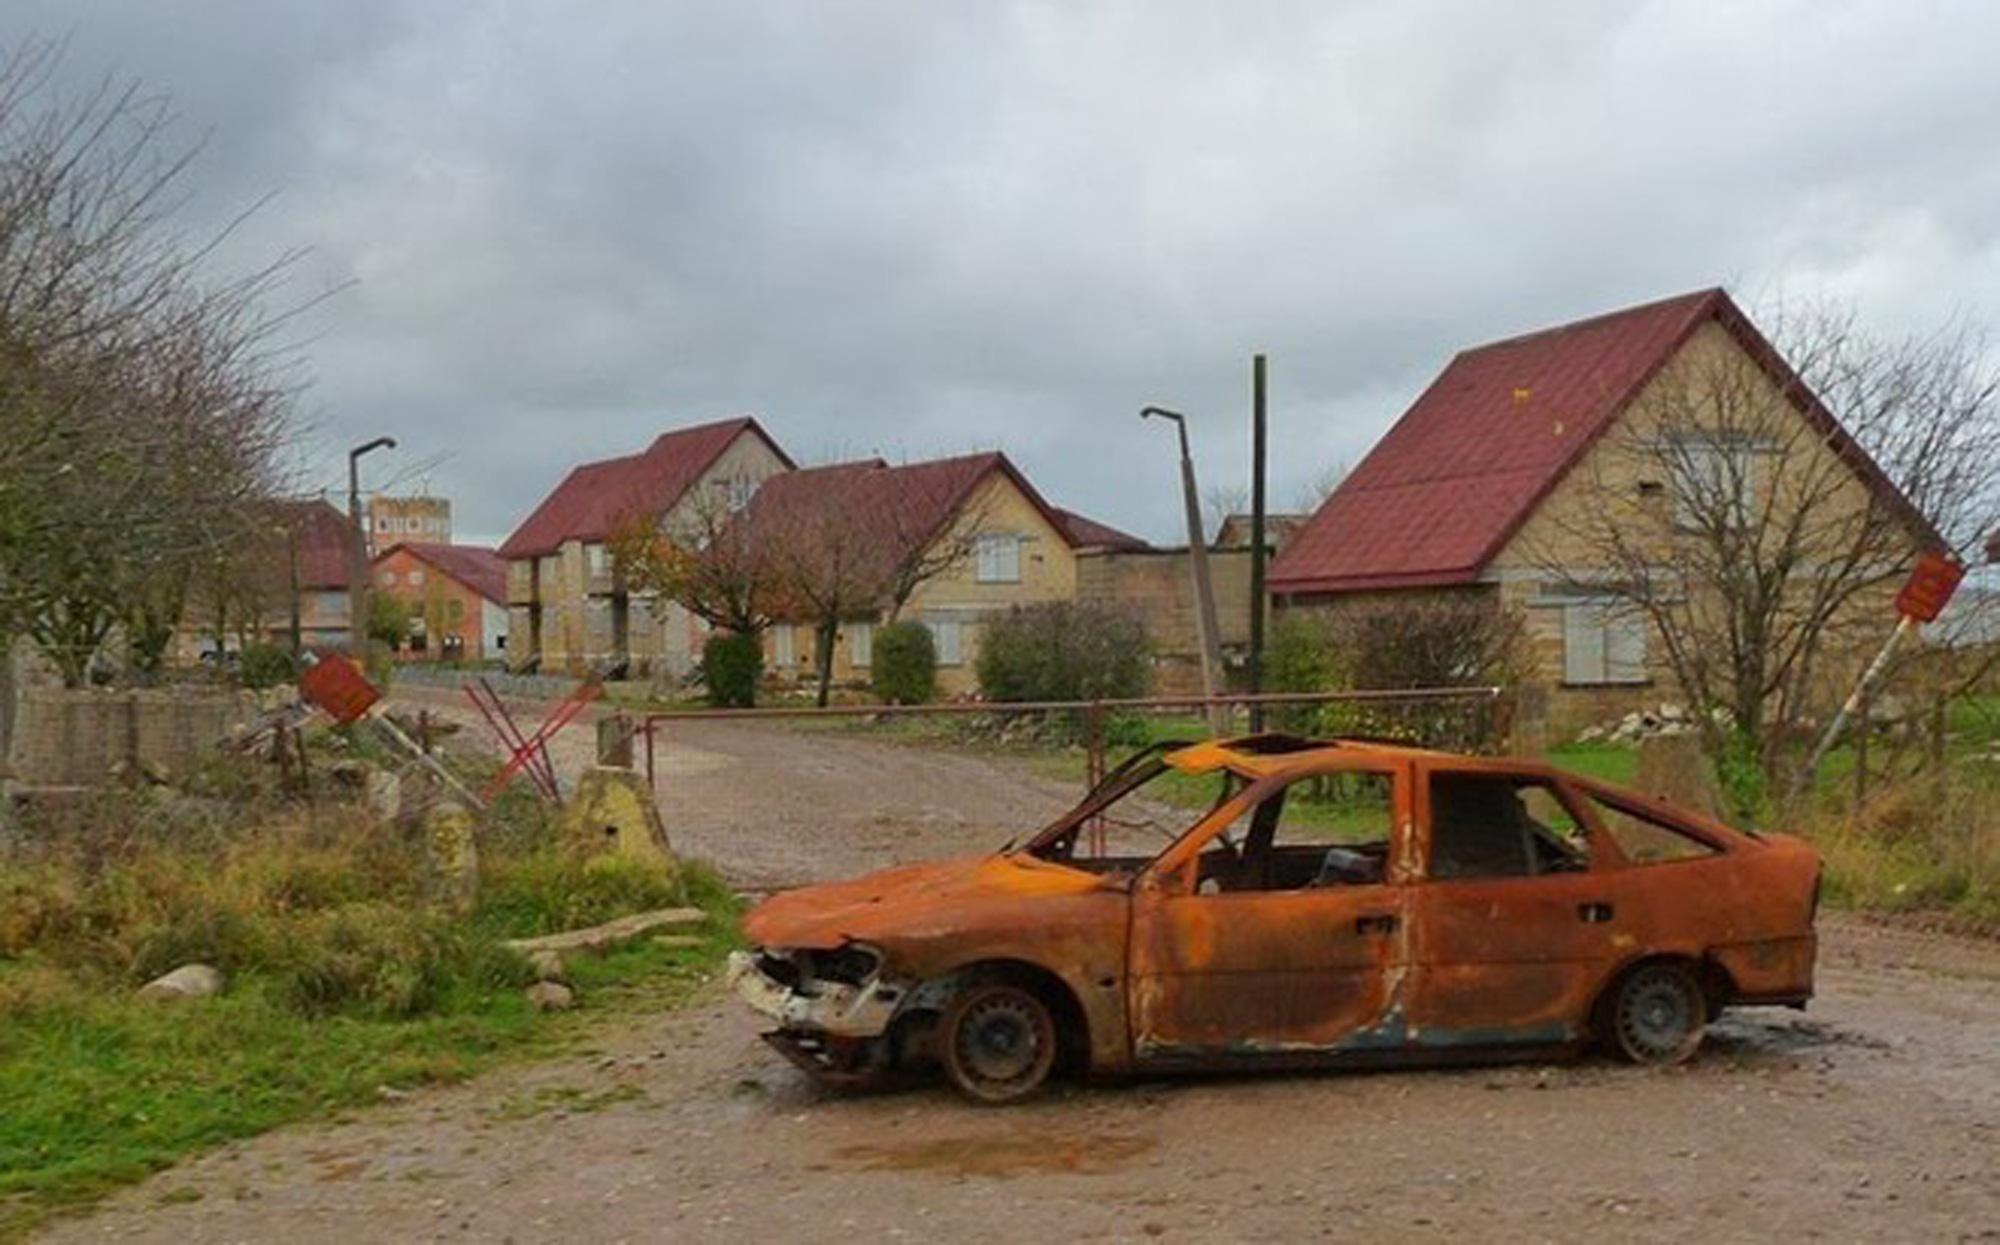 Những khu nhà bỏ hoang trở thành điểm hút khách khắp nơi trên thế giới - Ảnh 5.